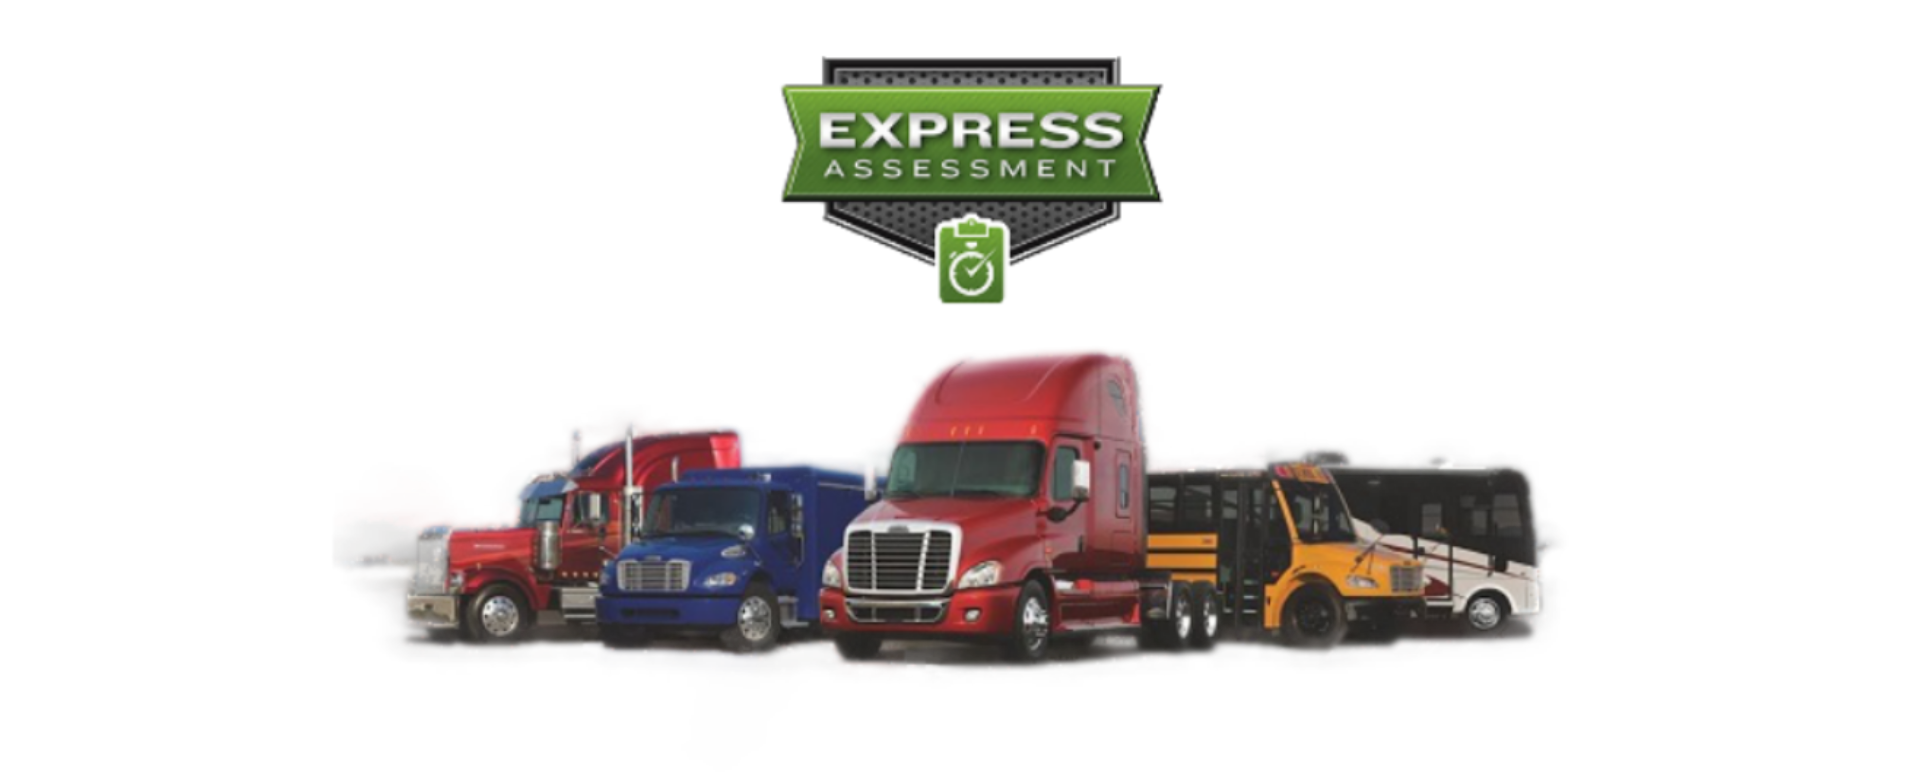 Express assessment Fleet